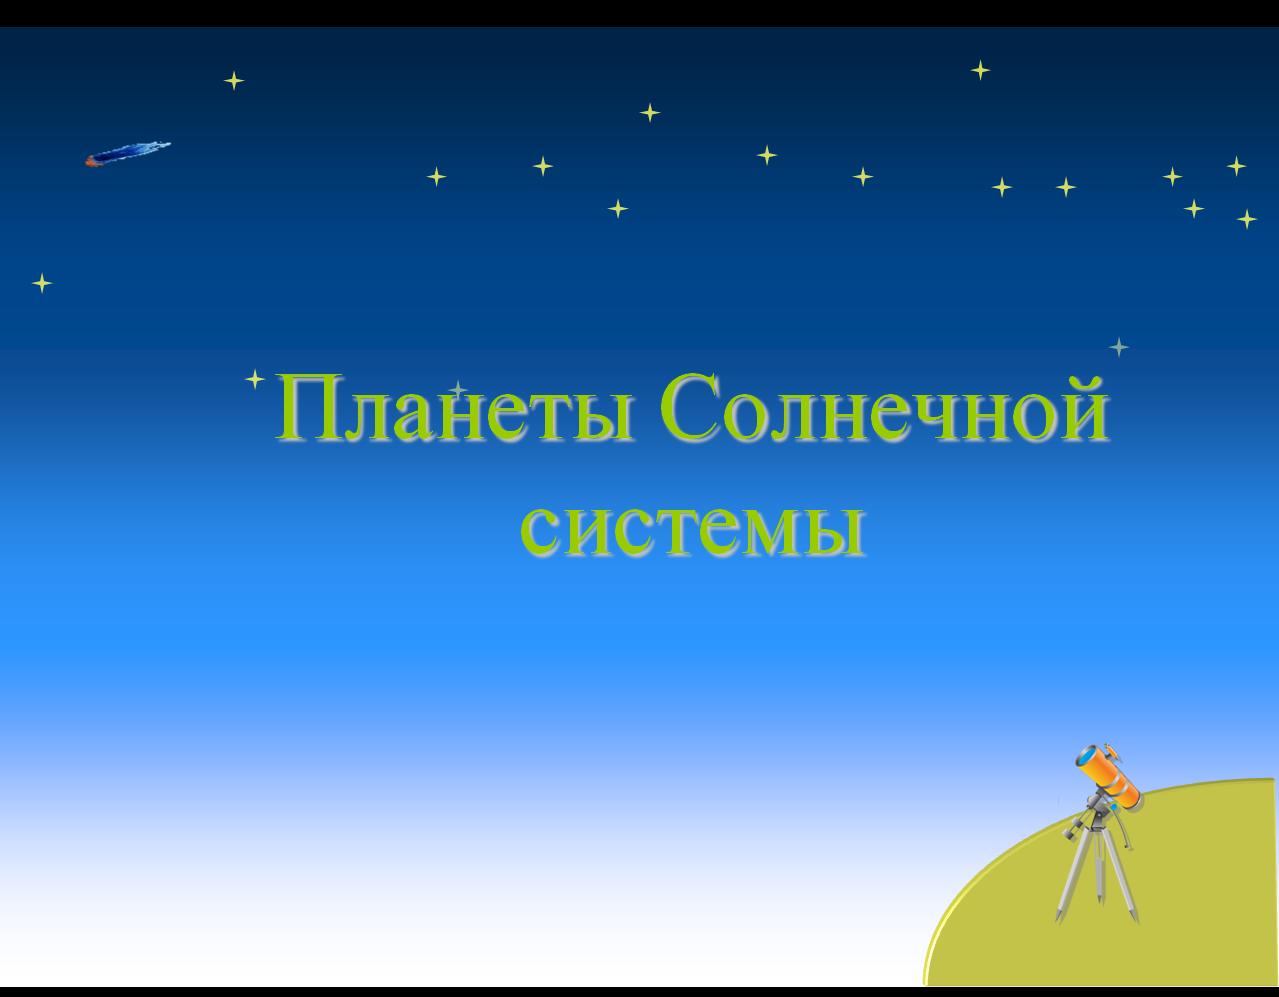 Праздник день победы для детей сценарий праздника